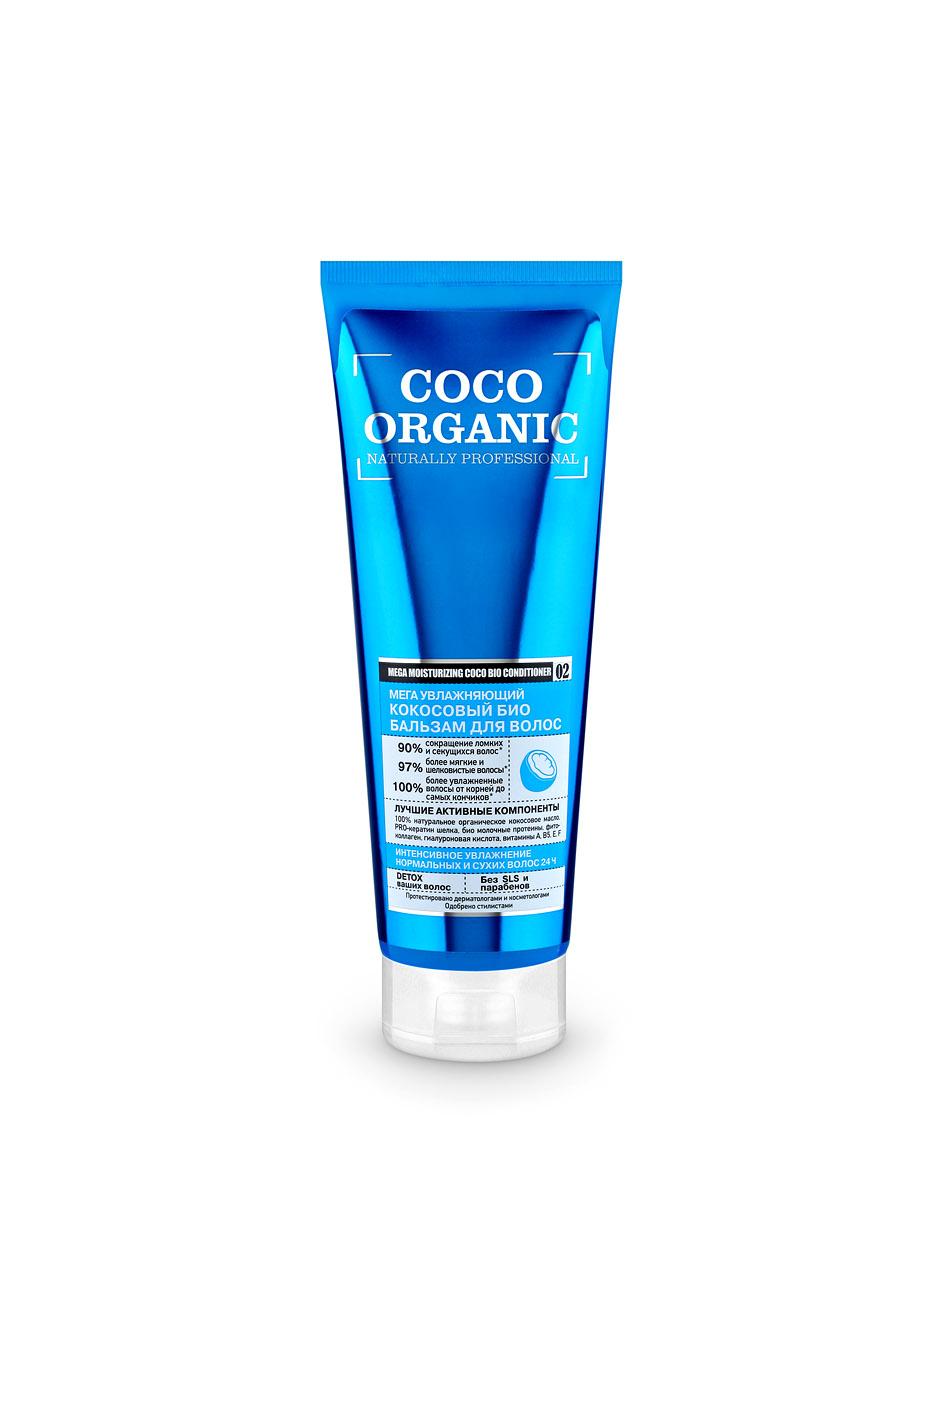 Оrganic Shop Naturally professional Бальзам для волос Мега увлажняющий, кокосовый, 250 мл0861-1-4059100% натуральное органическое кокосовое масло интенсивно увлажняет волосы, придает им мягкость и ослепительный блеск. Гиалуроновая кислота наполняет волосы живительной влагой, делает их упругими и эластичными. PRO-кератин шелка защищает волосы от пересушивания, термо и УФ воздействий, удерживая влагу внутри волоса. Био молочные протеины предотвращают повреждение волосяных луковиц, активно увлажняя их. Фито-коллаген уплотняет волосы, устраняет ломкость и сечение. Товар сертифицирован.